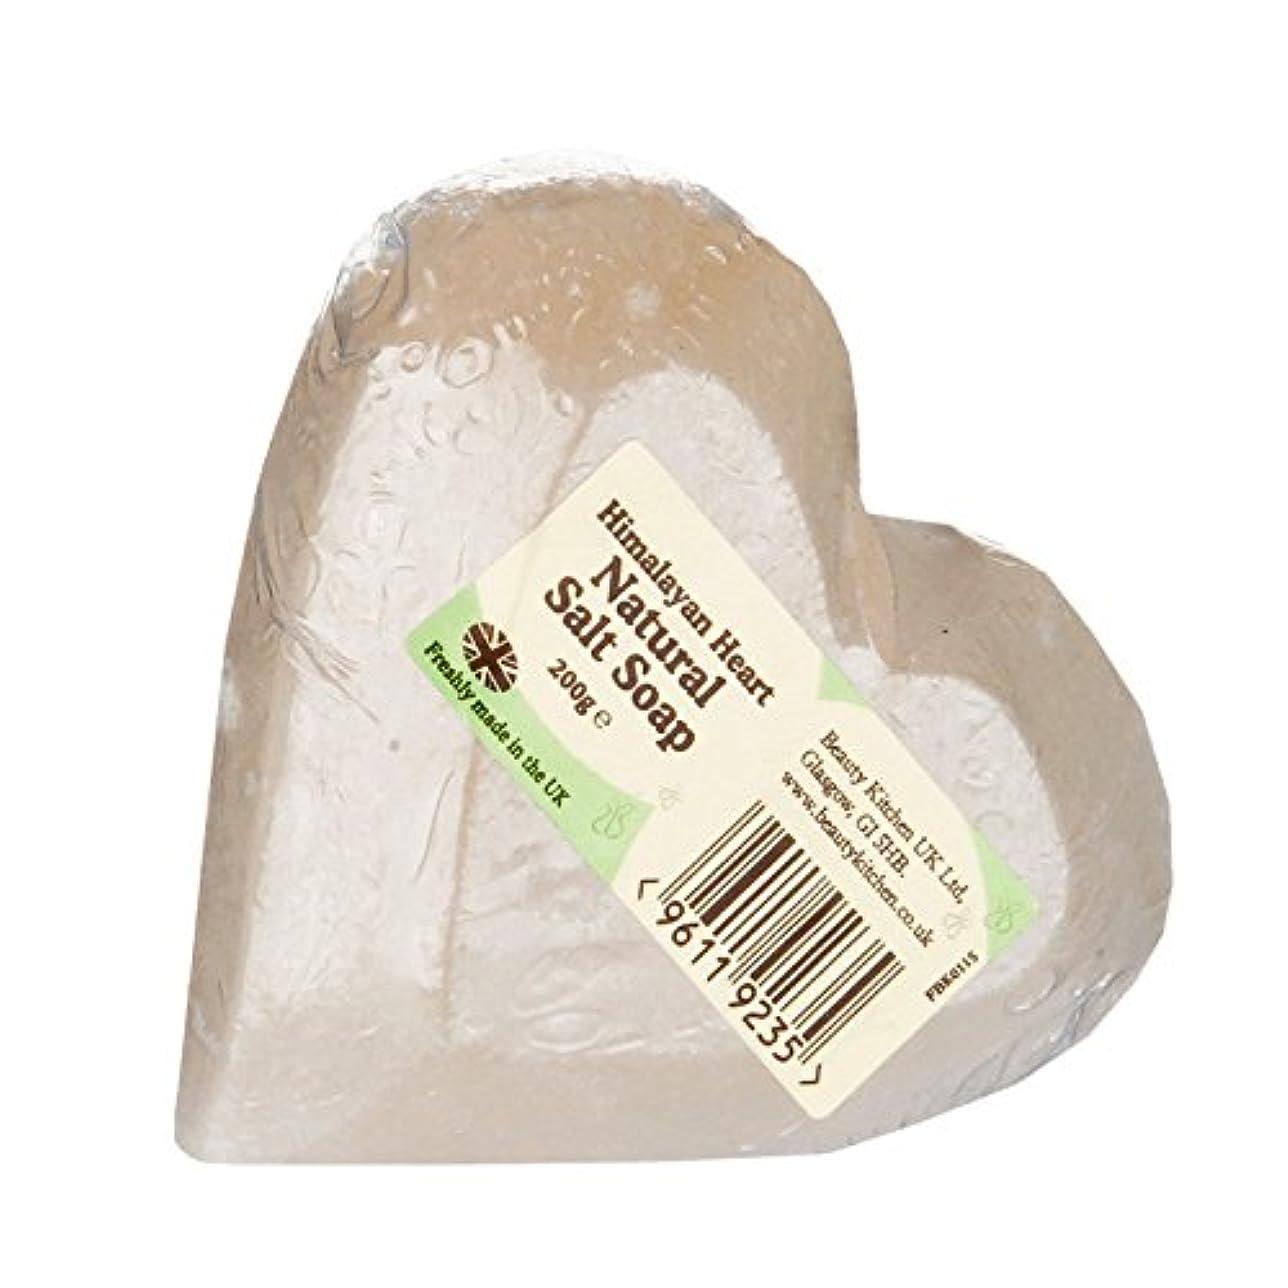 パネルマウス難破船美容キッチンヒマラヤンハートソープ200グラム - Beauty Kitchen Himalayan Heart Soap 200g (Beauty Kitchen) [並行輸入品]